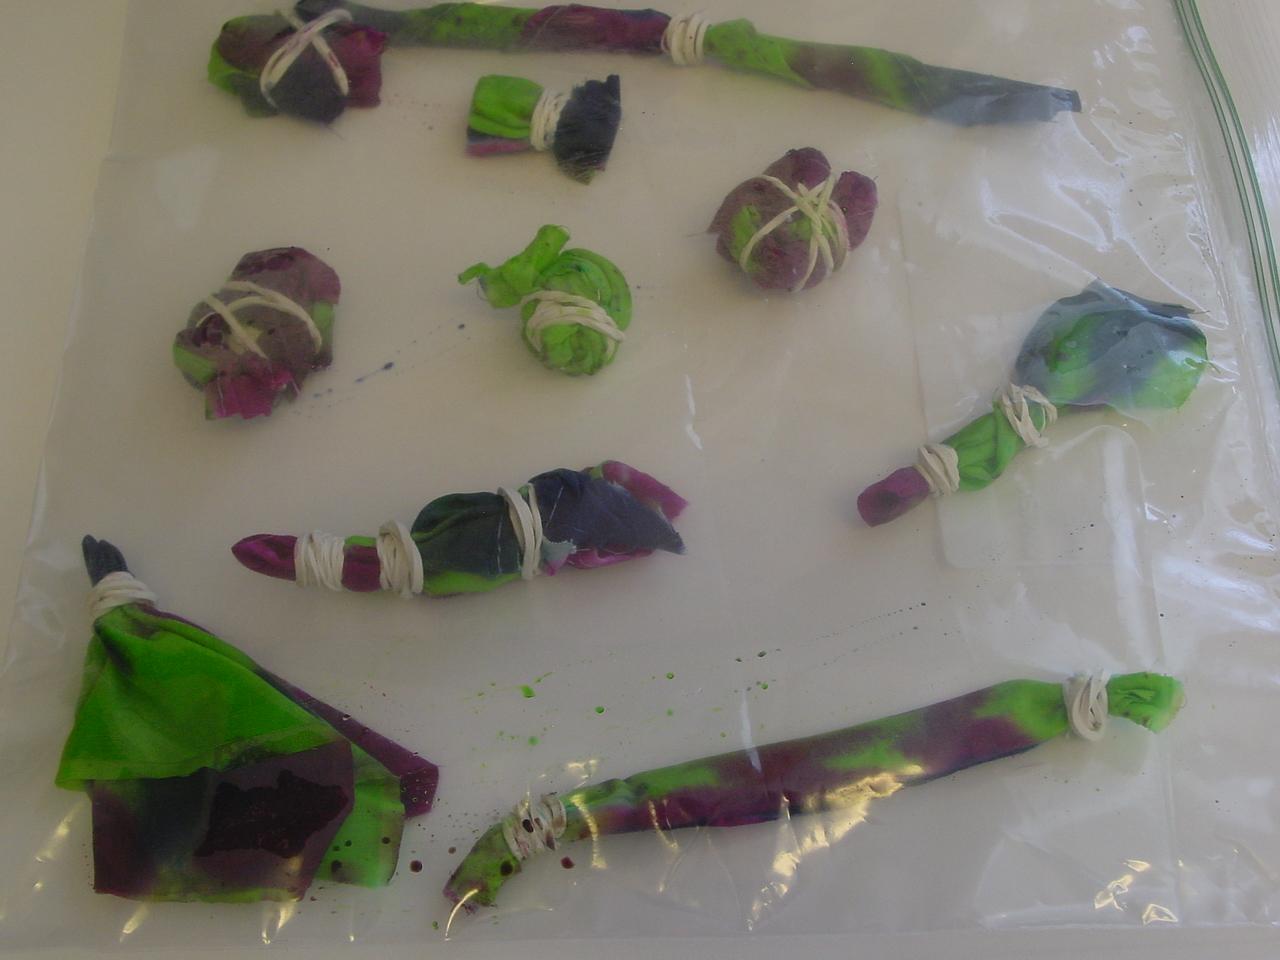 iLoveToCreate Blog: DIY Tie-Dye Flower Power Necklace